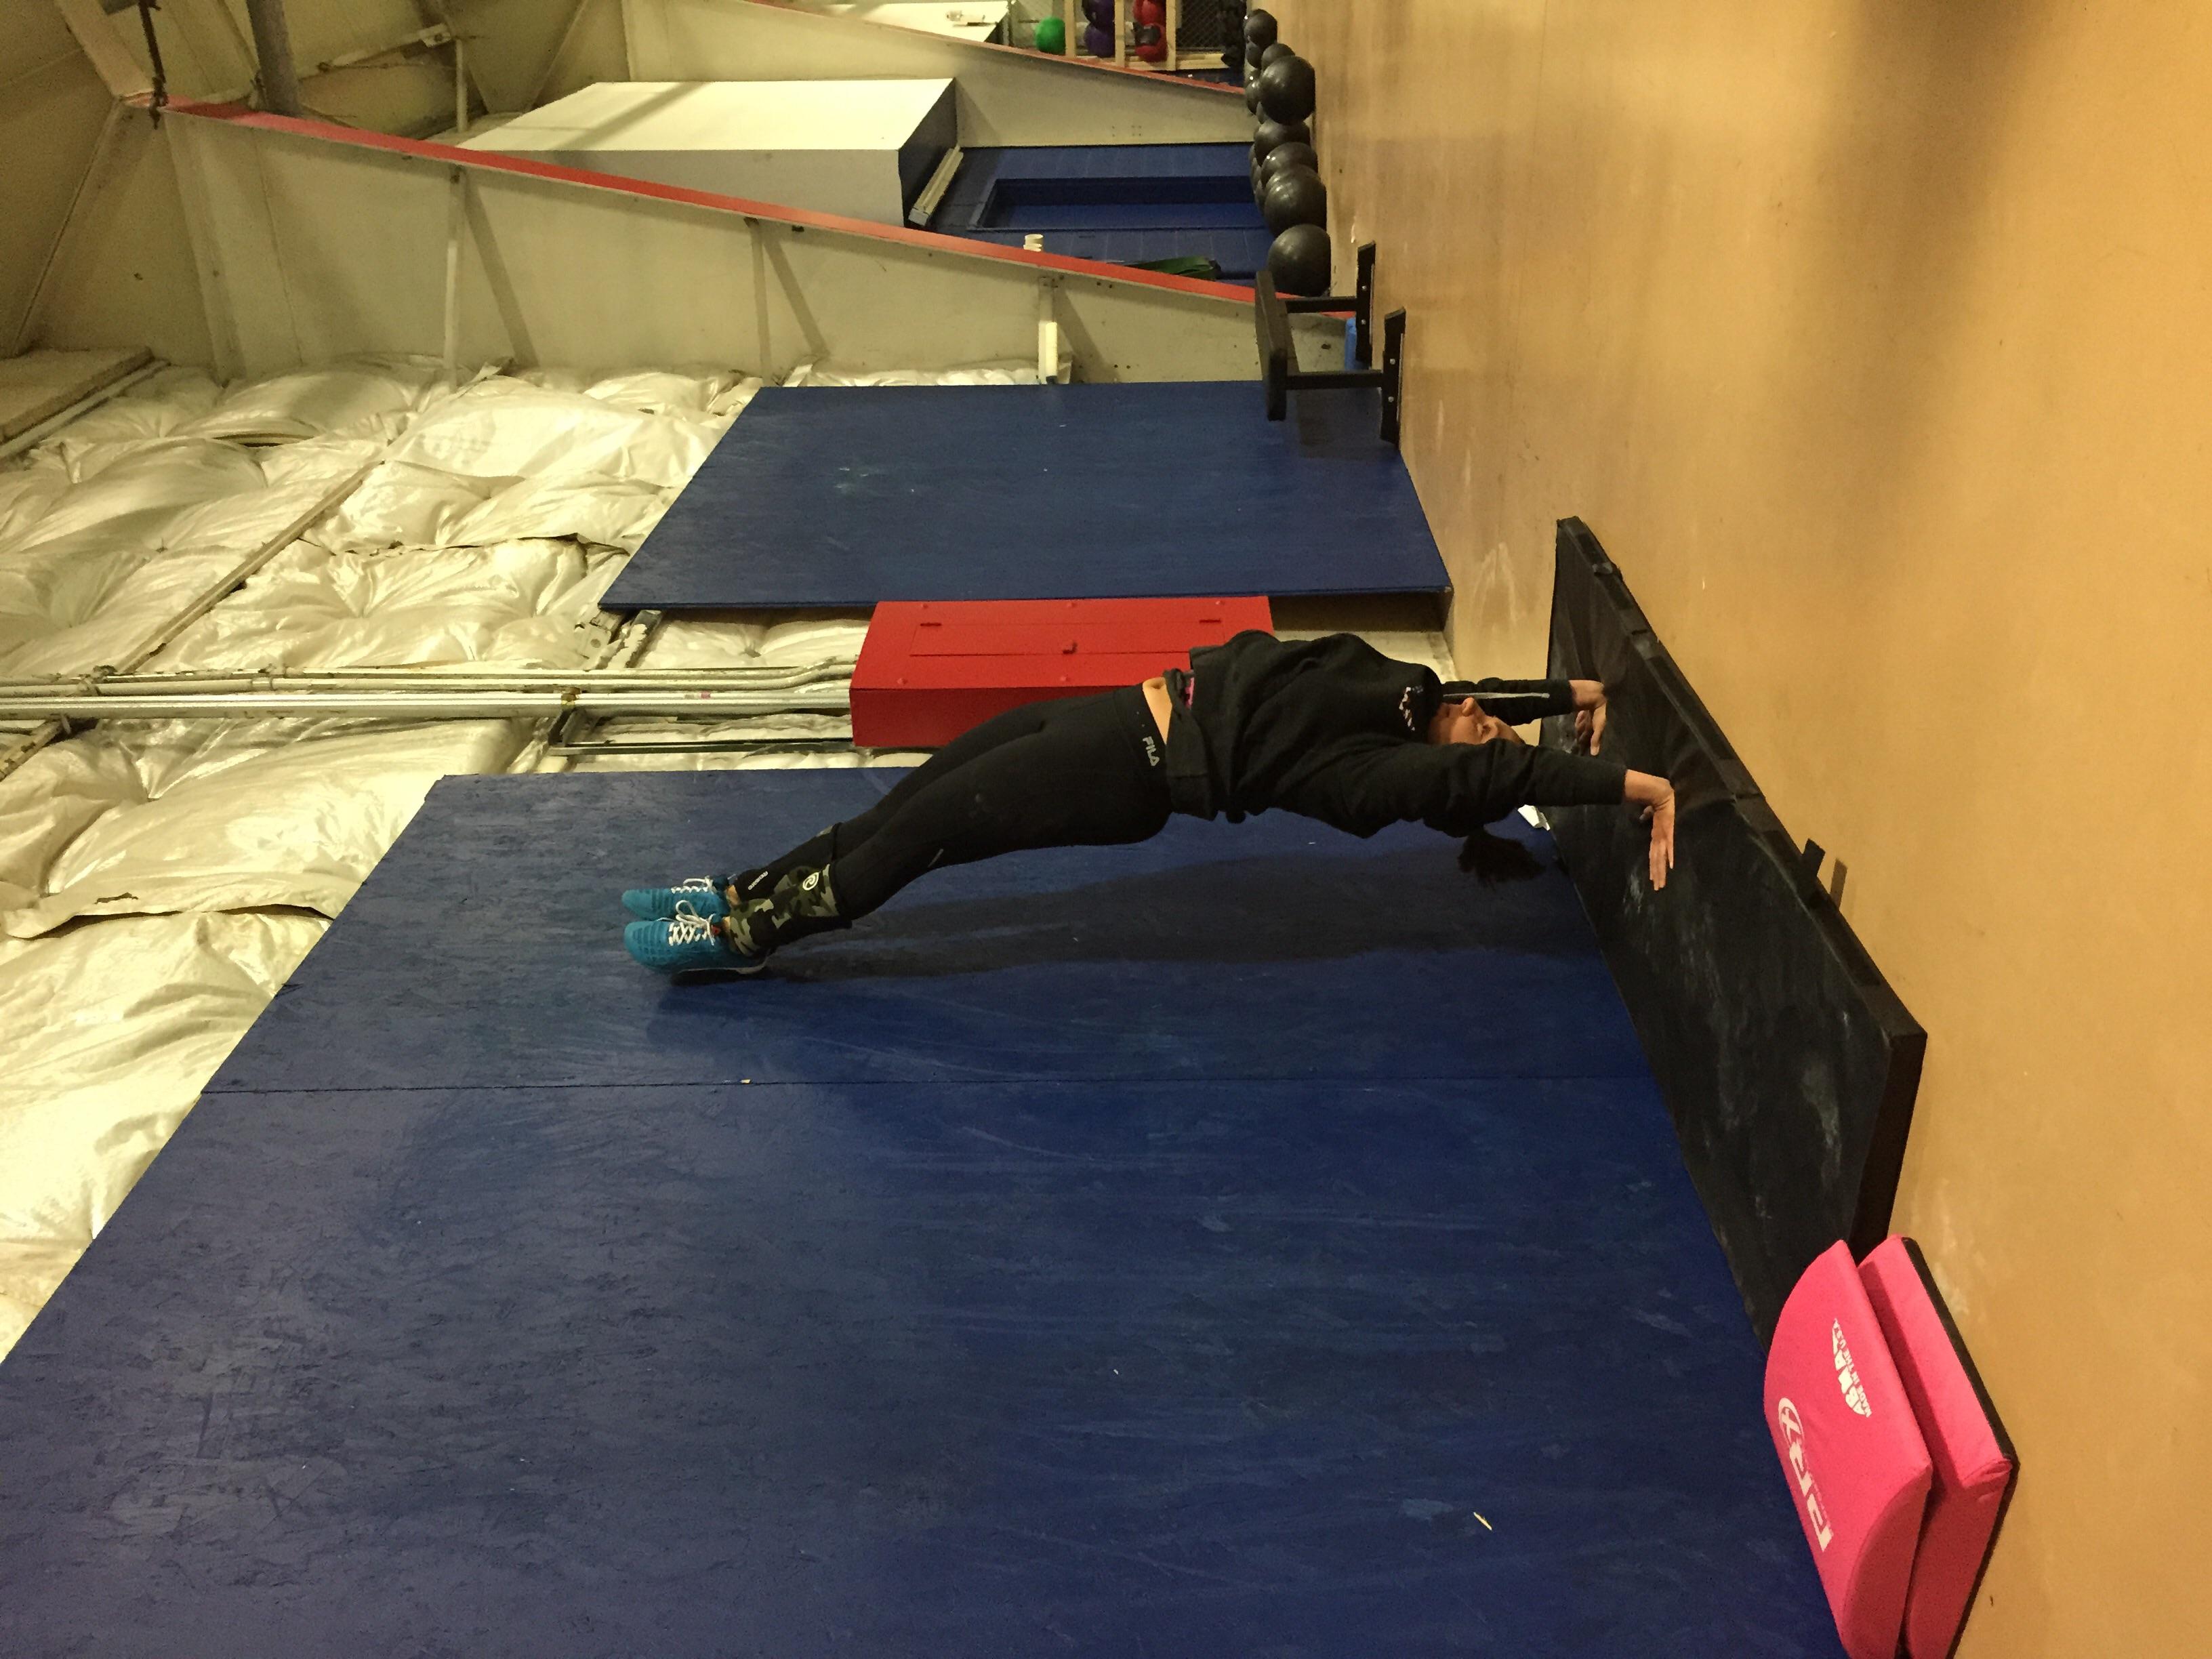 Kristen working on her handstand position.